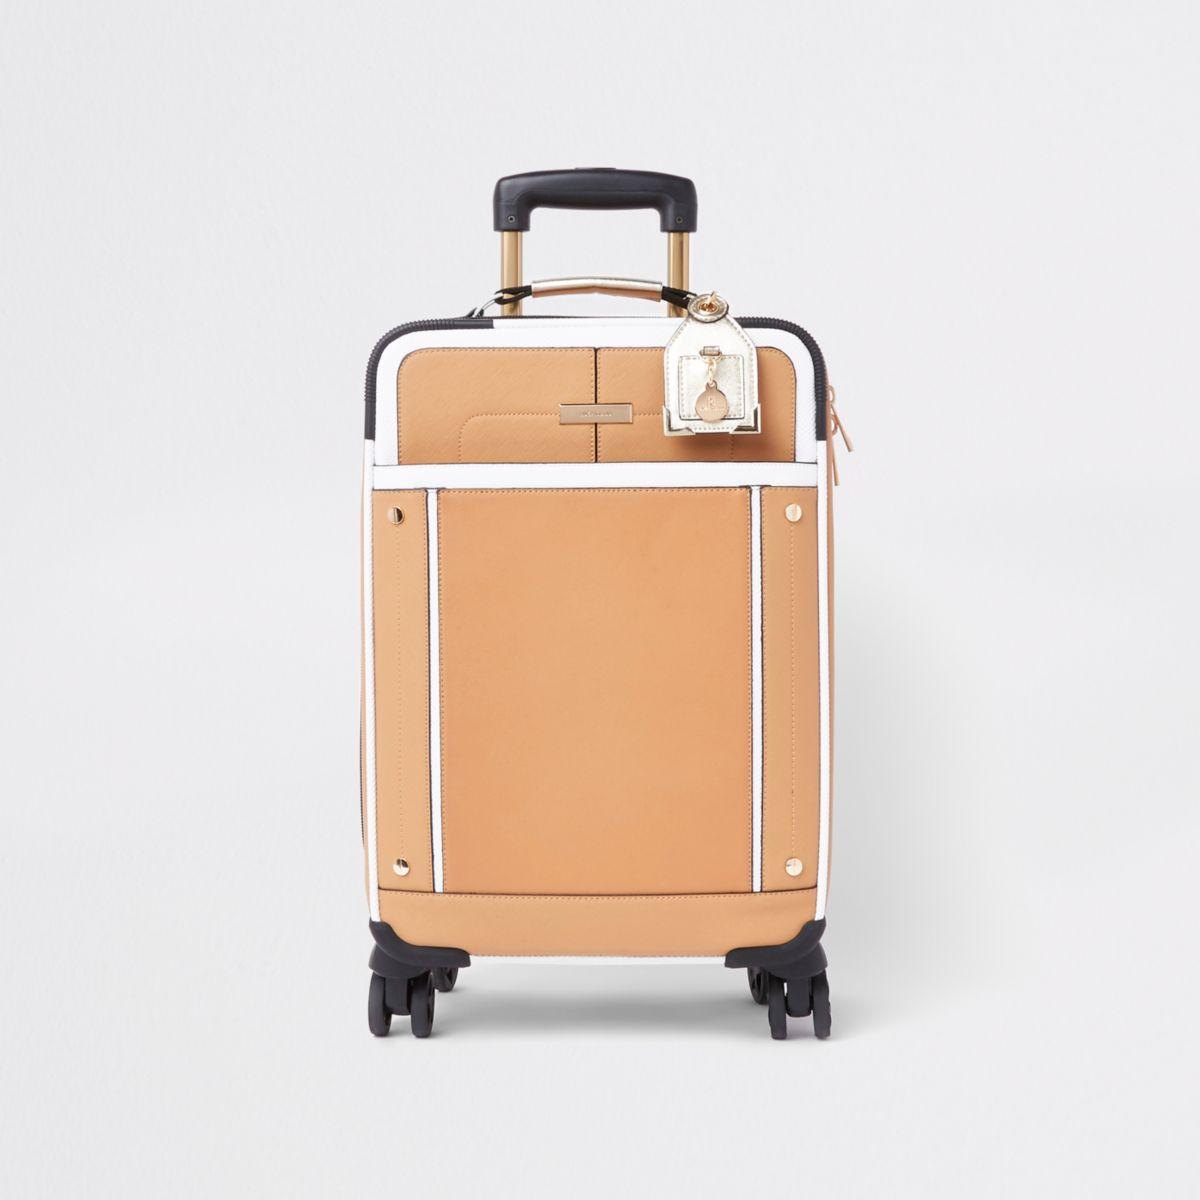 Beige koffer met vier wieltjes en voorvak